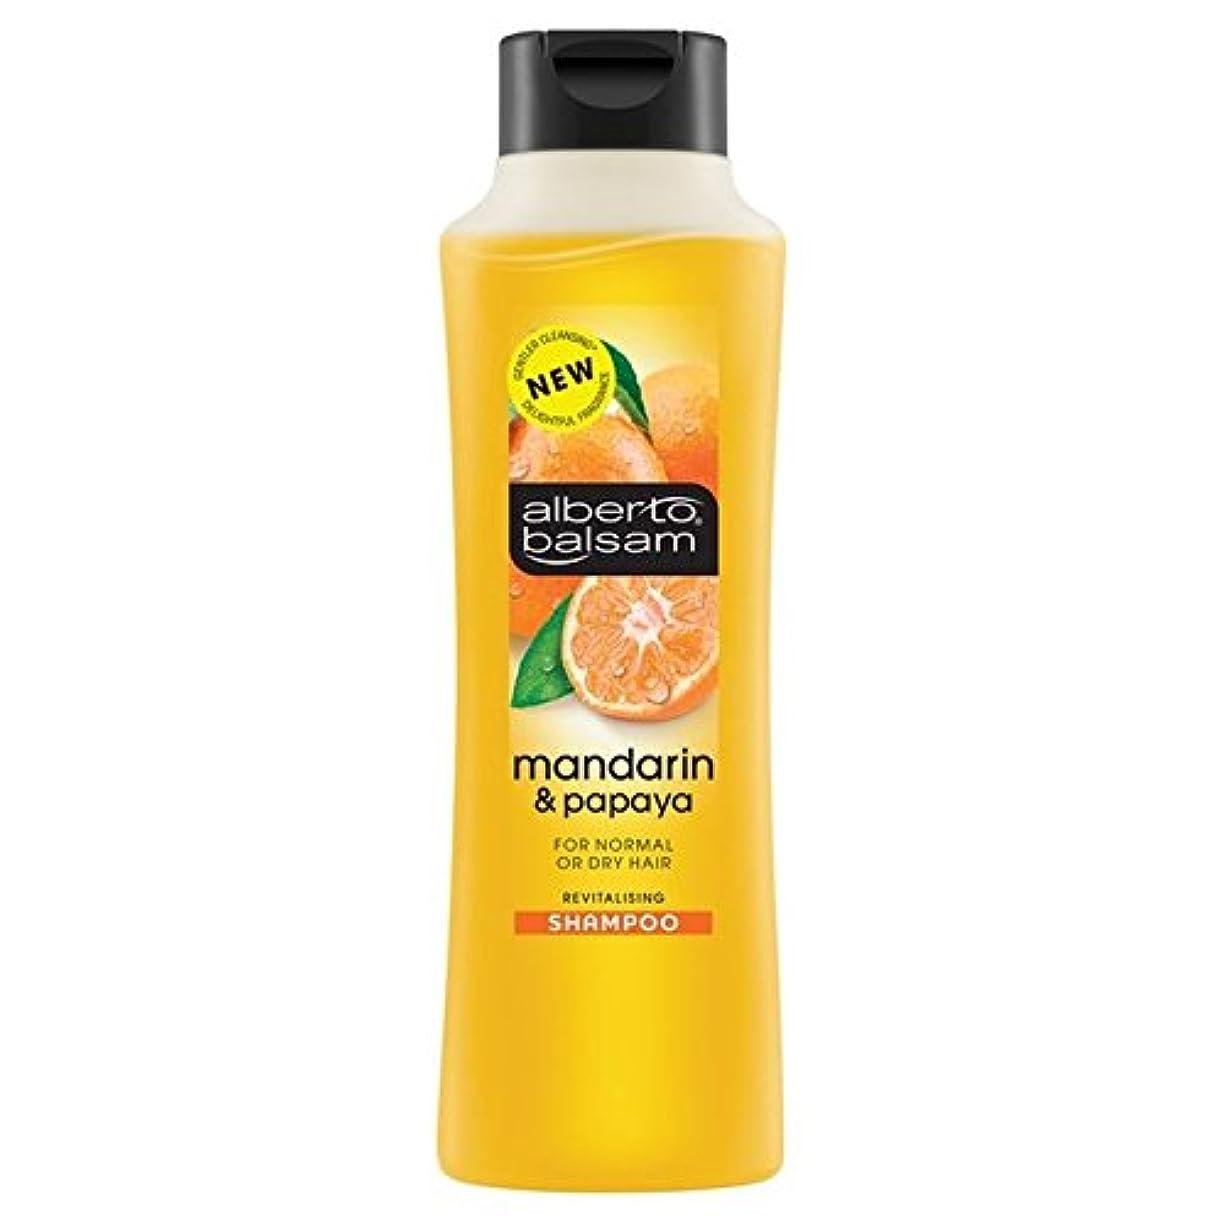 の堀準拠Alberto Balsam Mandarin & Papaya Shampoo 350ml - アルベルト?バルサムマンダリン&パパイヤシャンプー350ミリリットル [並行輸入品]